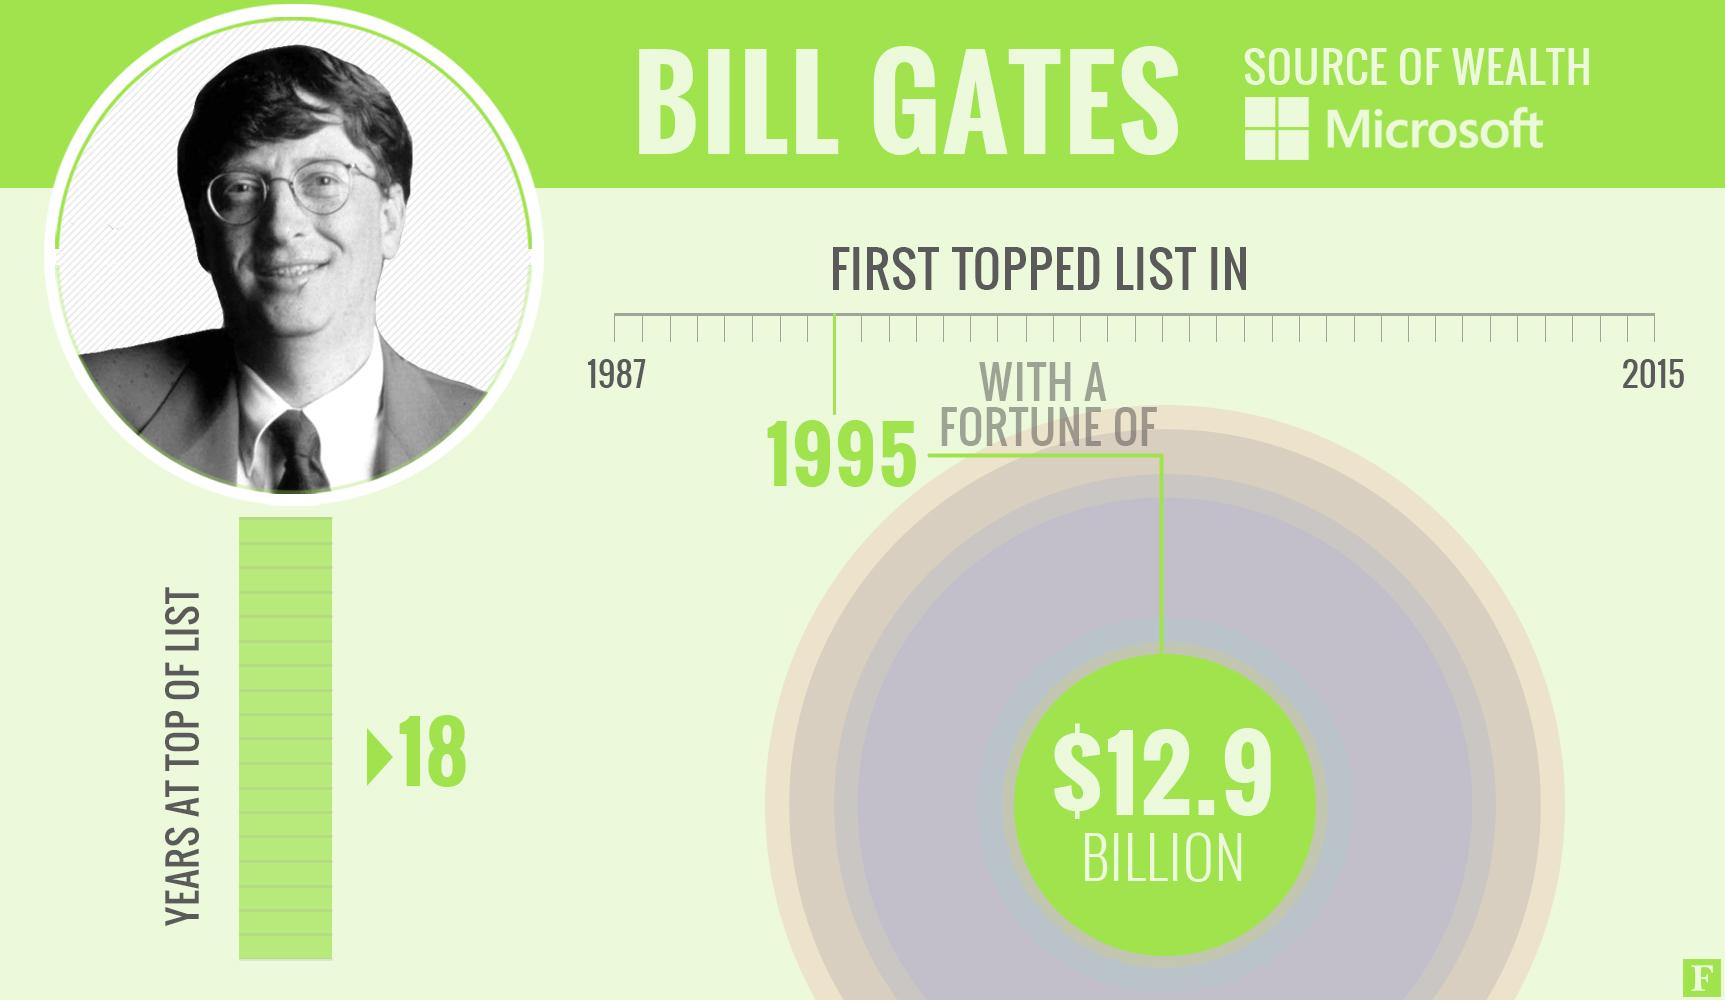 6 người giàu nhất thế giới bên cạnh Jeff Bezos 6 người giàu nhất thế giới bên cạnh Jeff Bezos